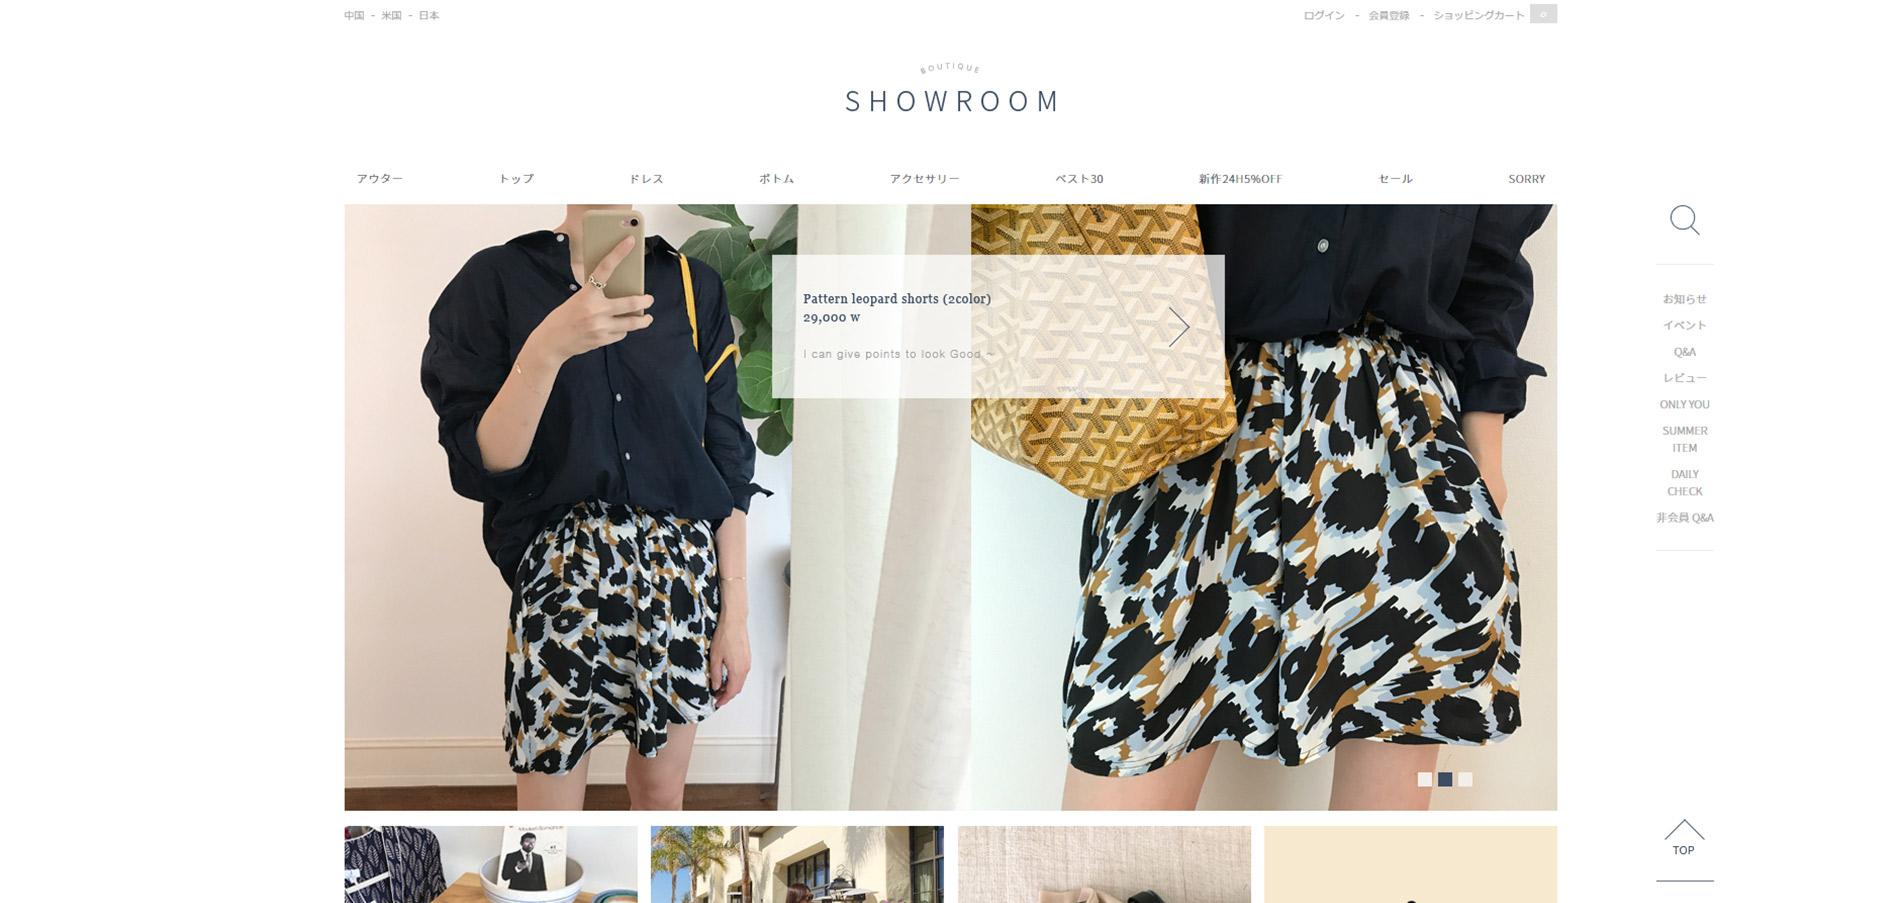 30代におすすめな韓国ファッション通販サイトのSHOWROOM(ショウルーム)